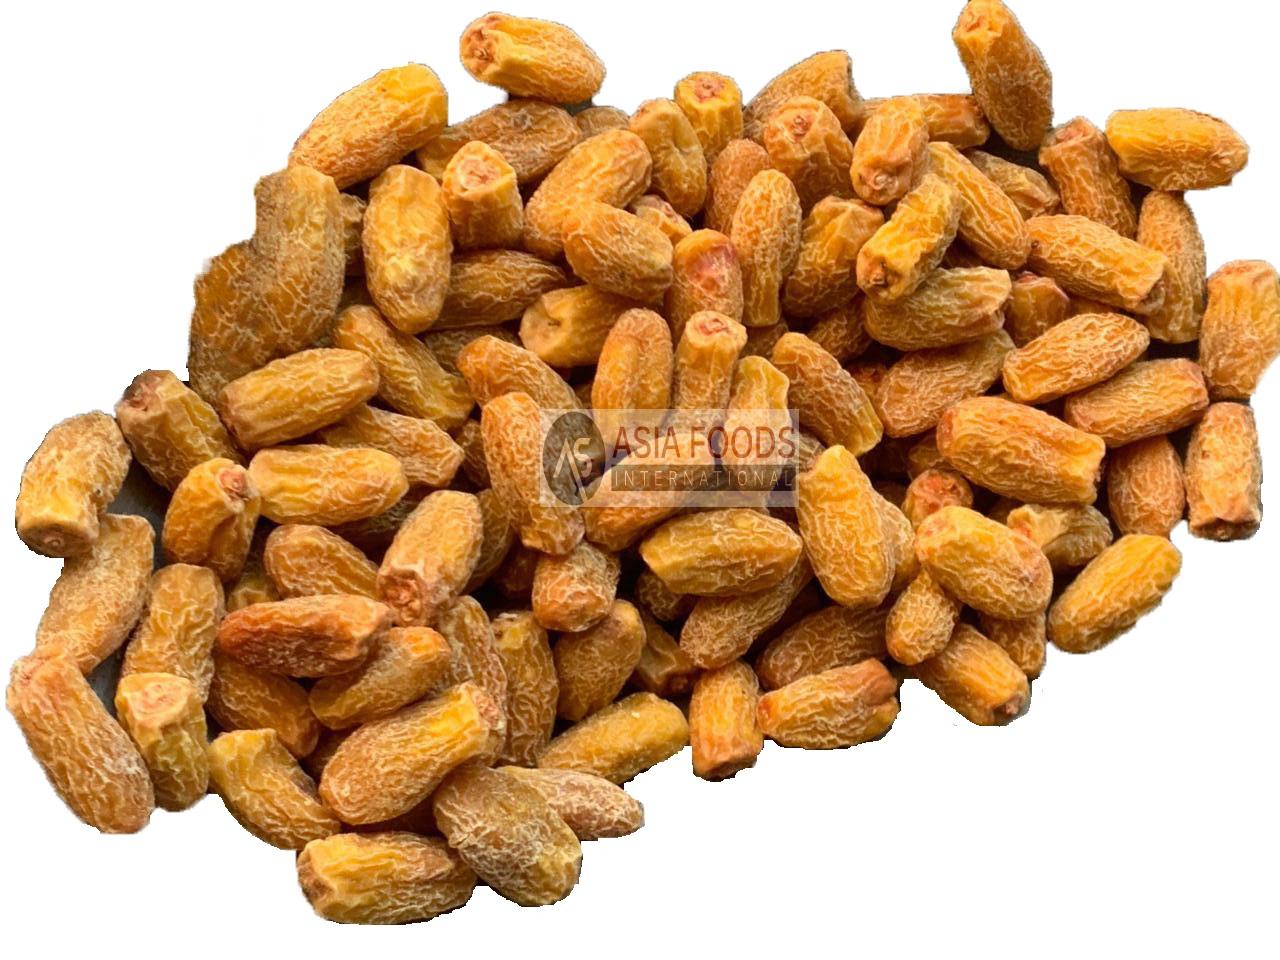 dry-dates-yellow-rangkat-chuara-exporter-pakistan